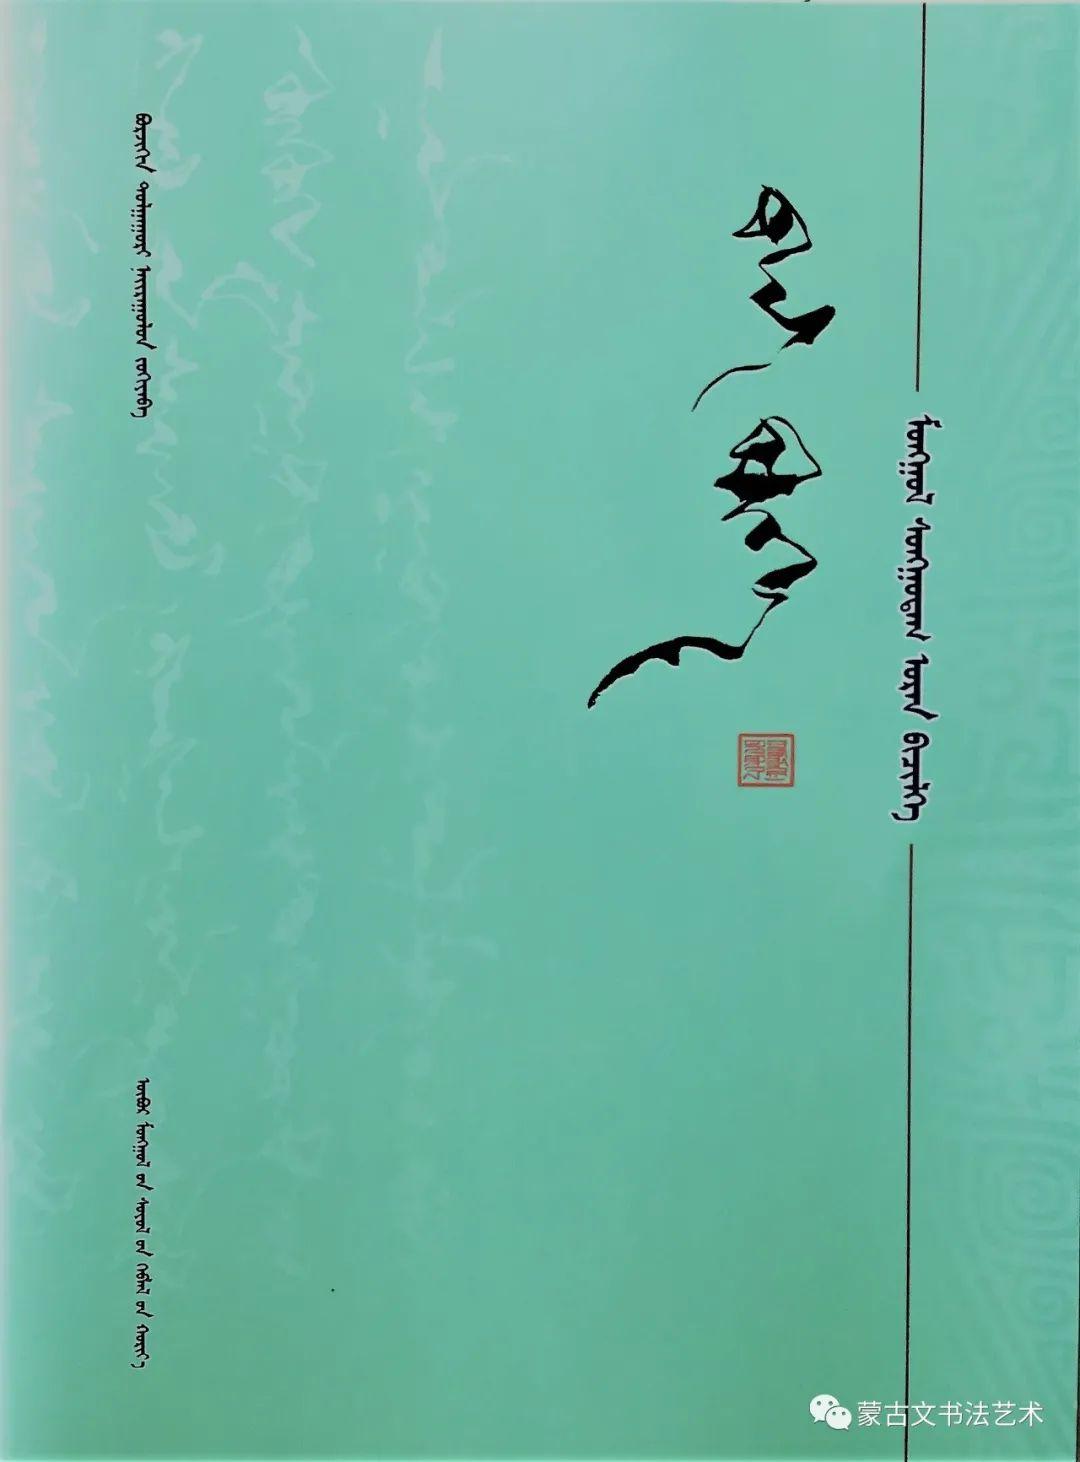 包宝柱《蒙古文经典书法》 第17张 包宝柱《蒙古文经典书法》 蒙古书法